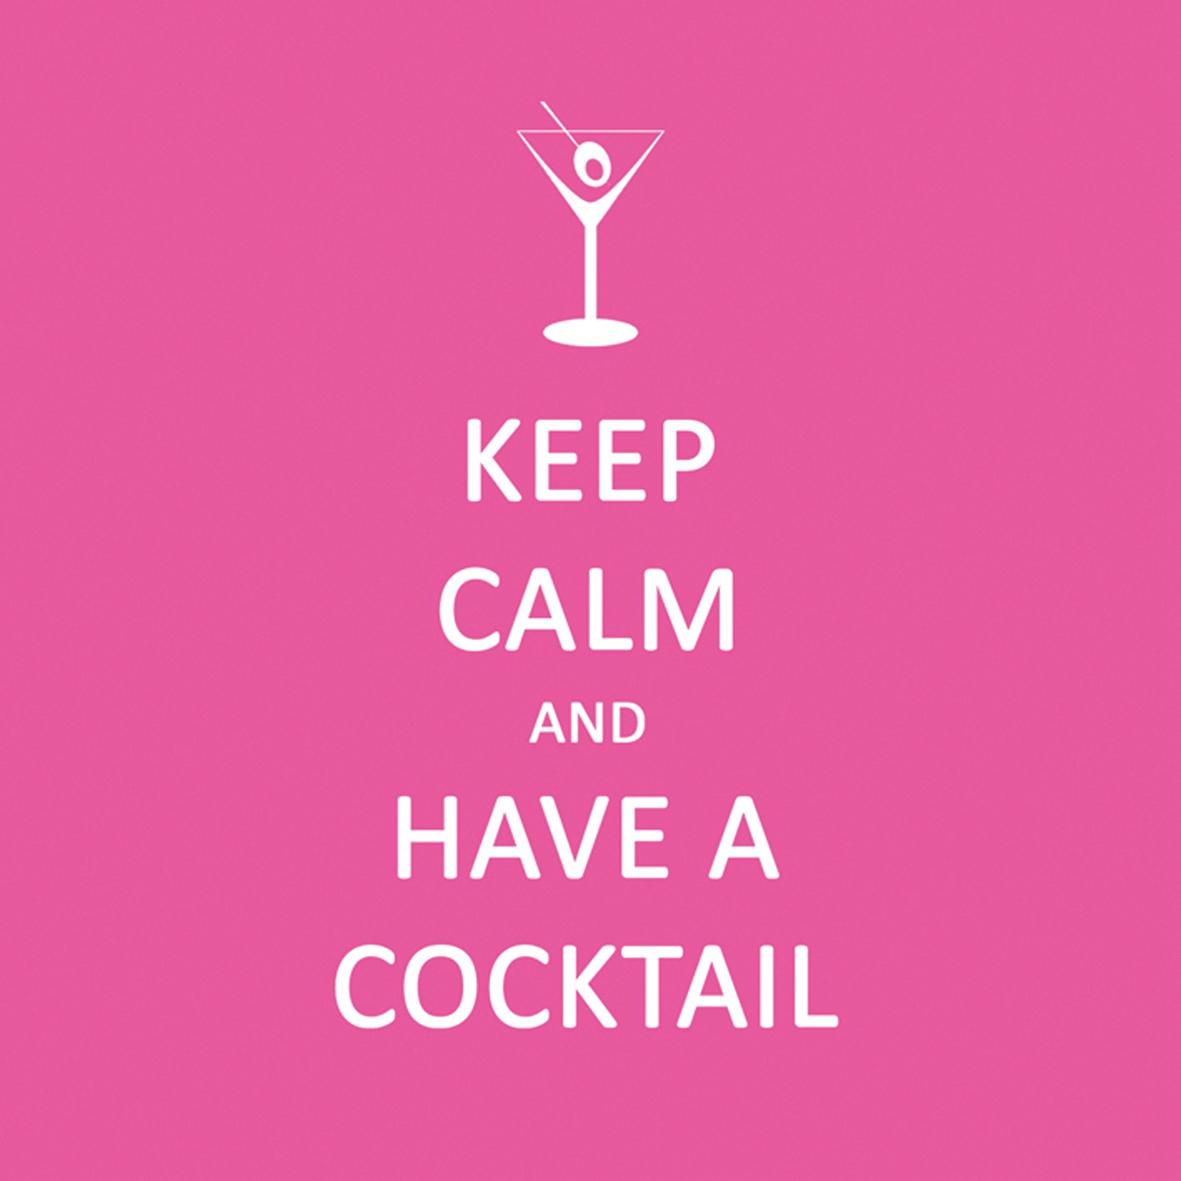 Cocktail Servietten Keep Calm... Cocktail pink      ,   geprägte Servietten,  Everyday,  cocktail servietten,  Schriften,  lustig